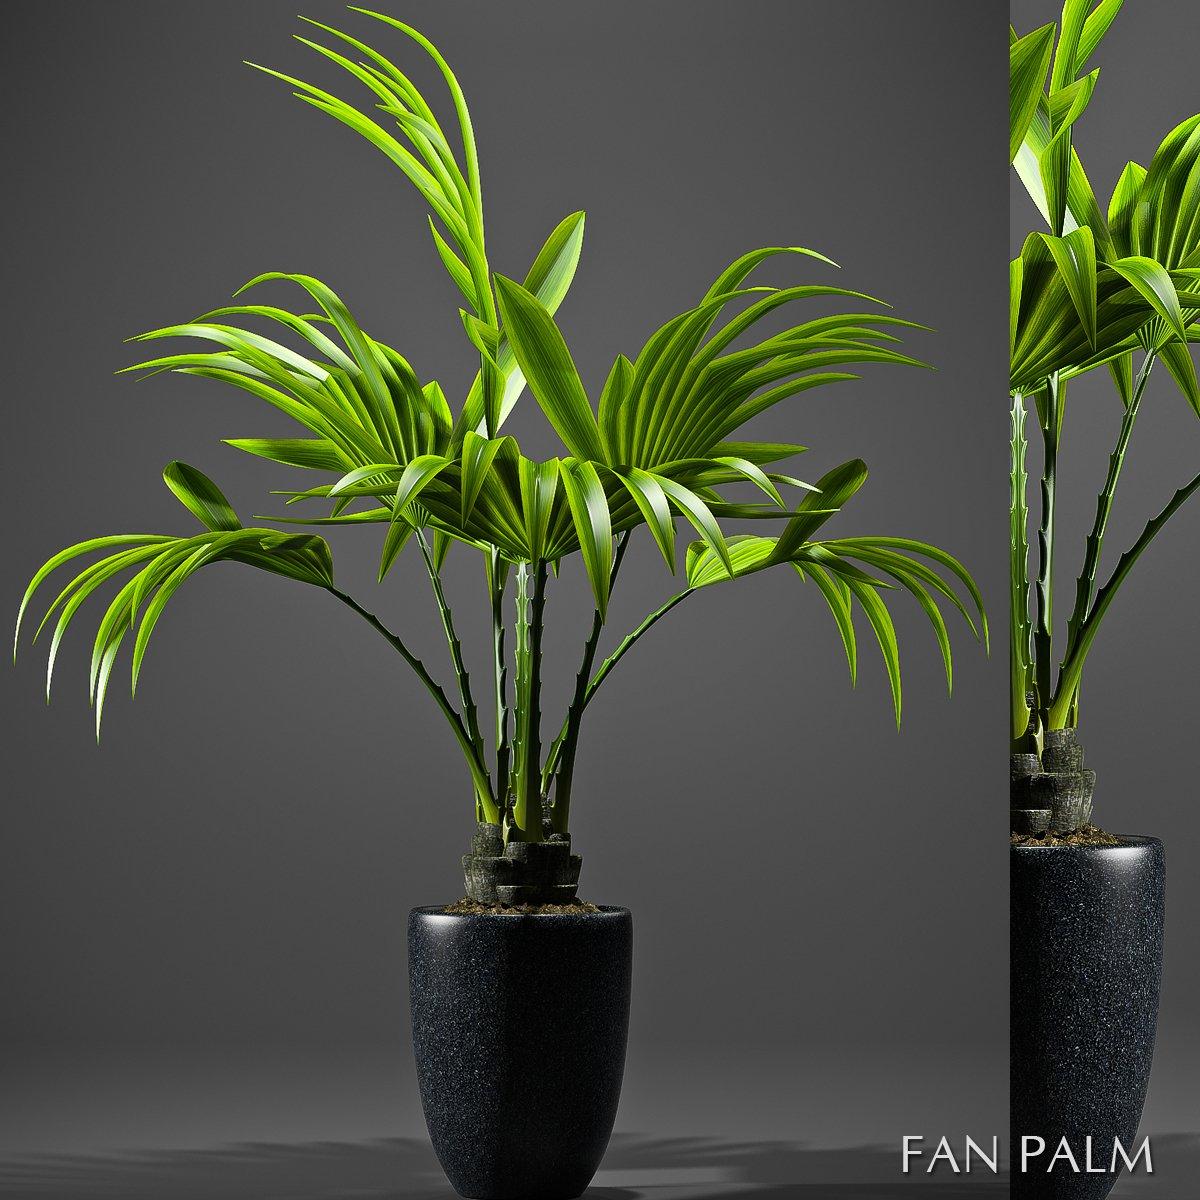 FAN PALM PLANT 3D Model in Small Plants 3DExport